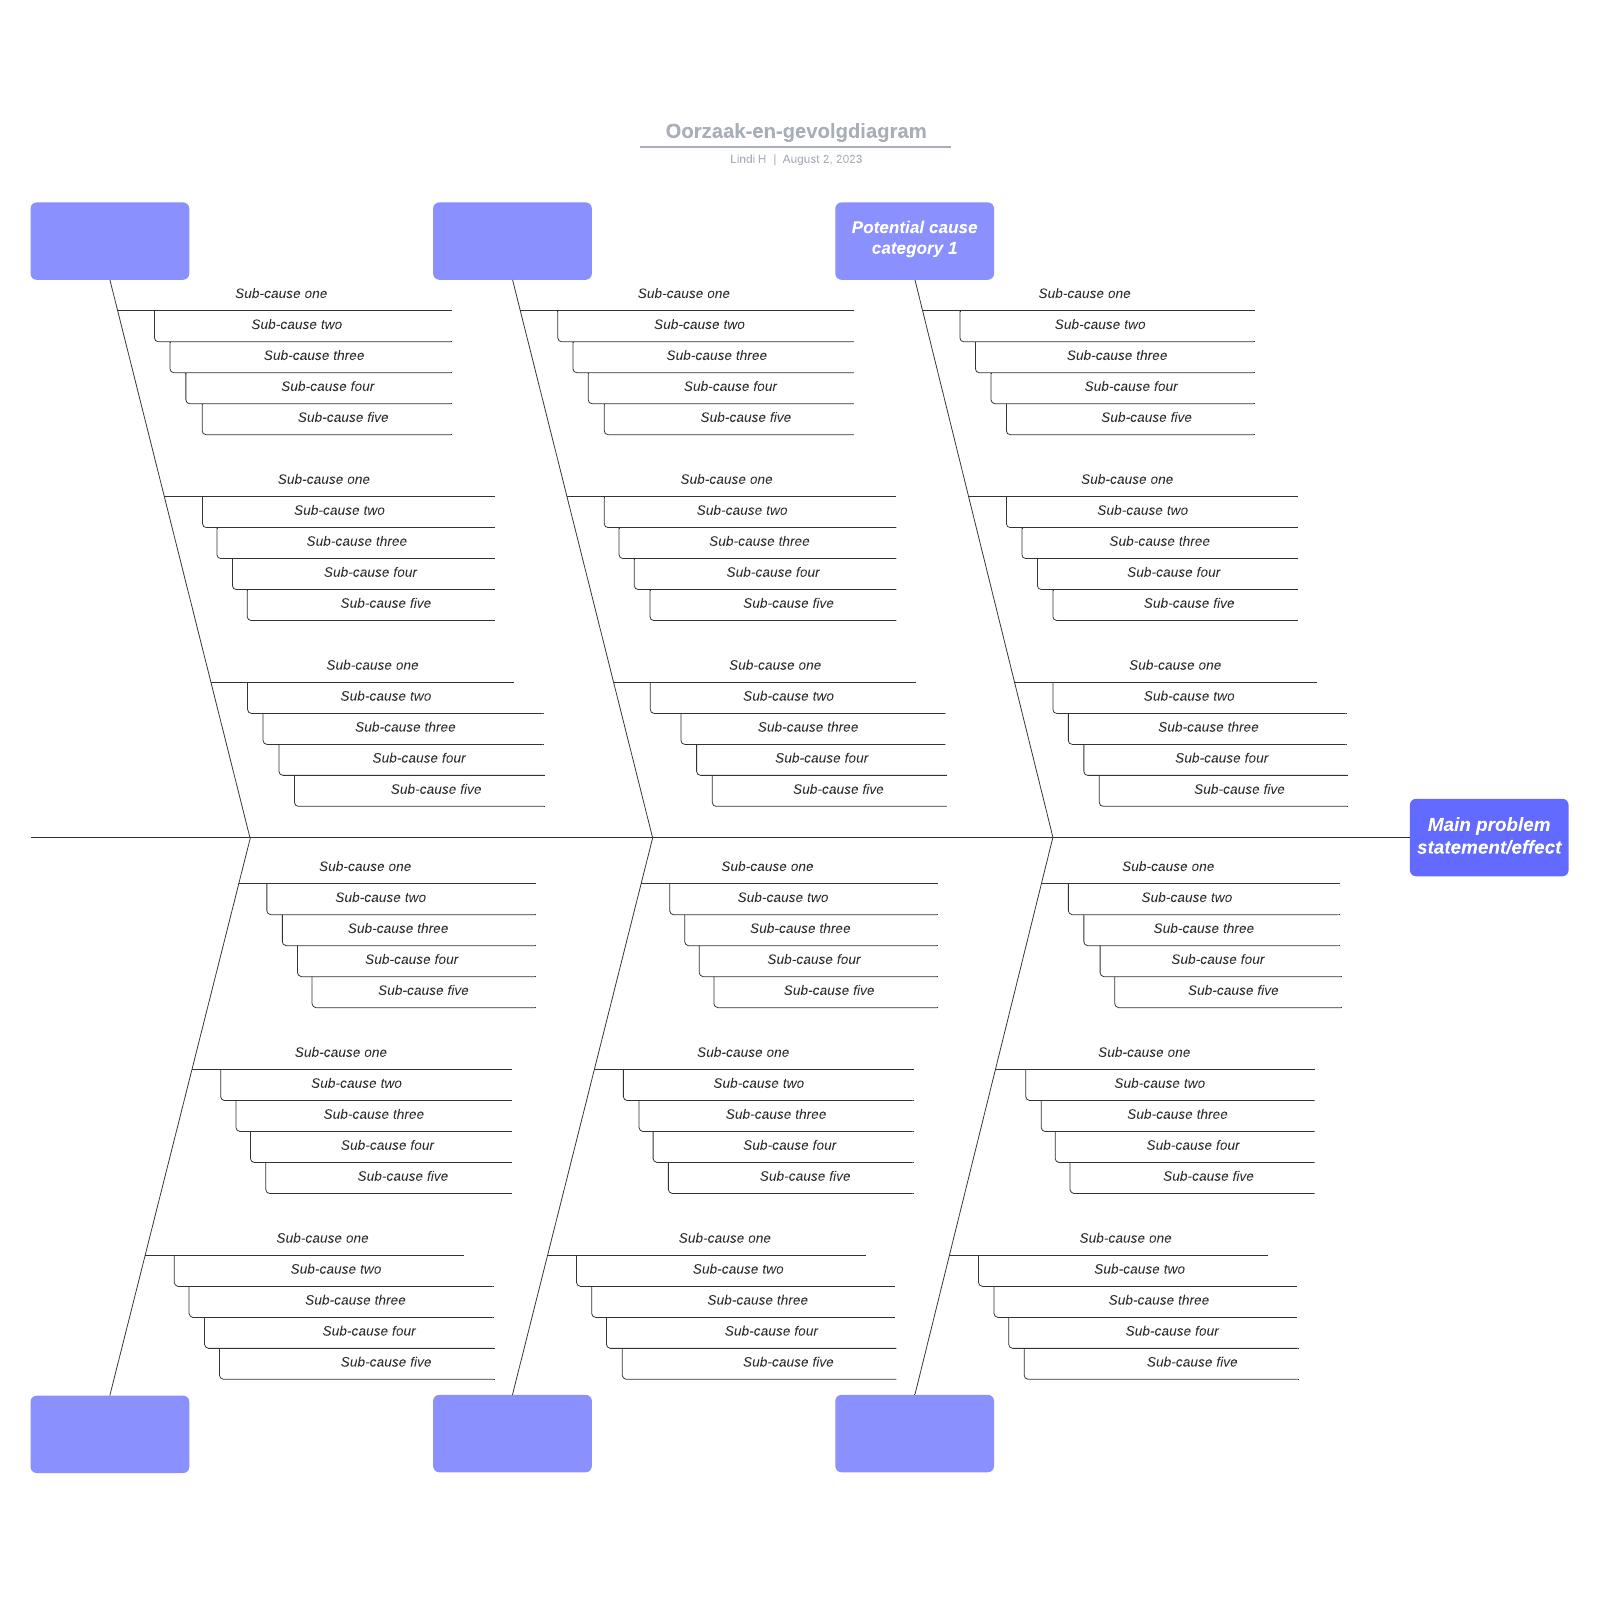 Oorzaak-en-gevolgdiagram